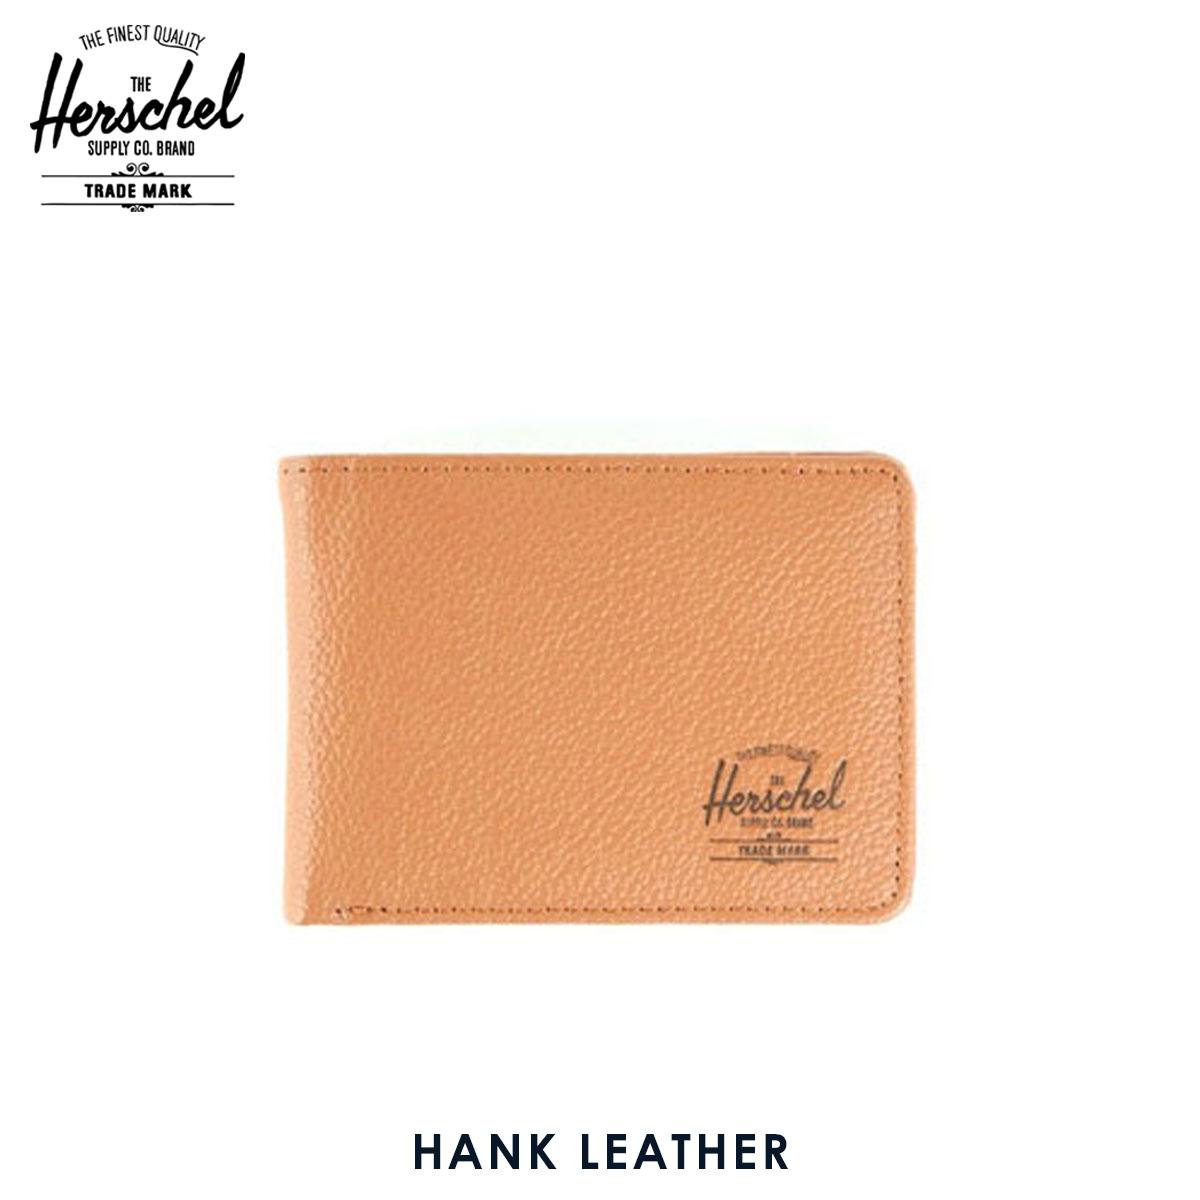 【ポイント10倍 6/4 20:00~6/11 01:59まで】 ハーシェル 財布 正規販売店 Herschel Supply ハーシェルサプライ ウォレット 10049-00034-OS Hank Leather Tan Pebble Leather 財布 レザー D15S25 父の日